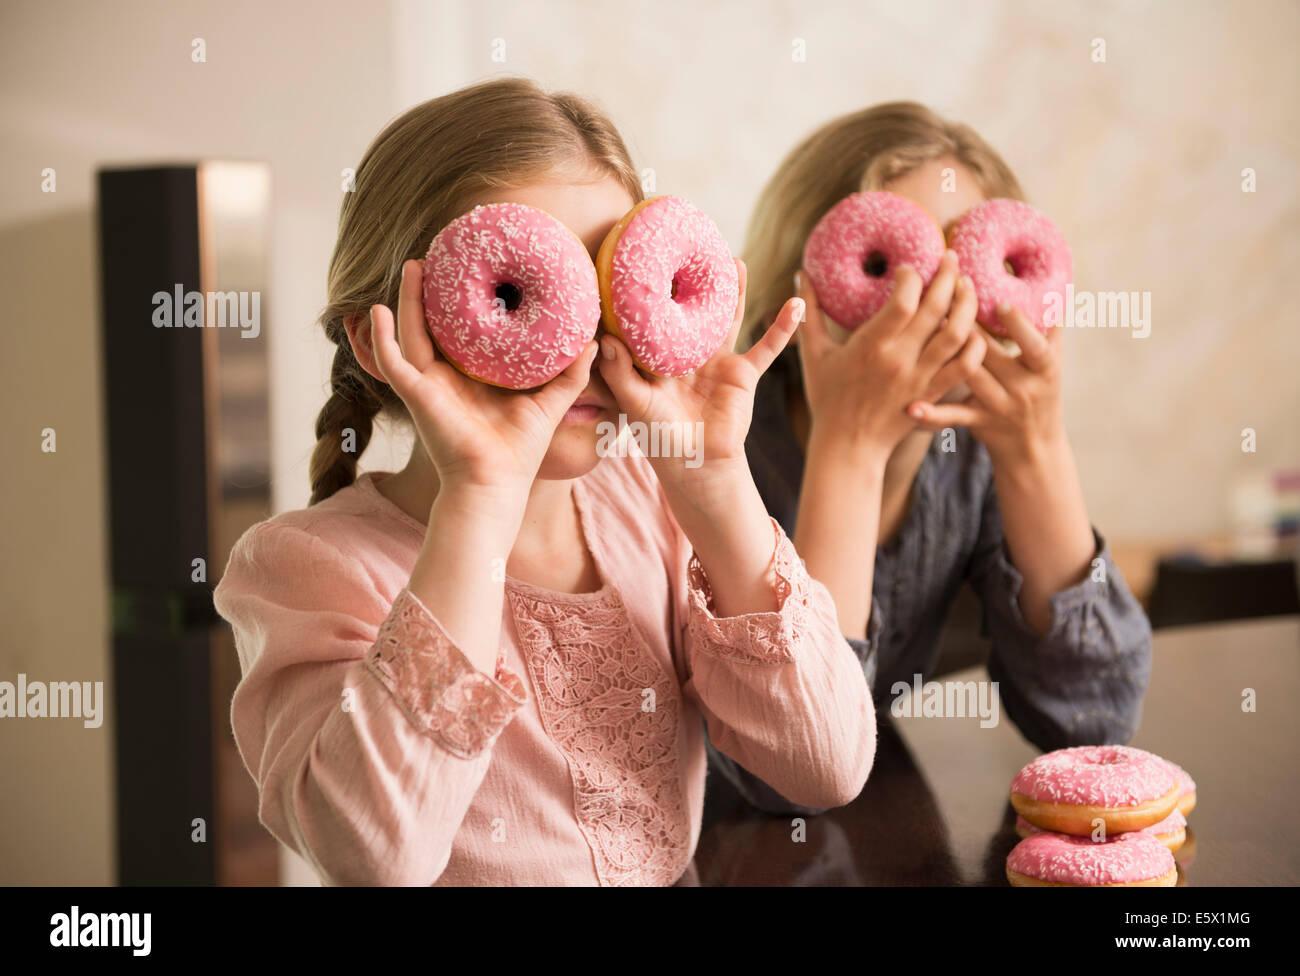 Ritratto di due sorelle con fori a ciambella oltre i loro occhi Immagini Stock